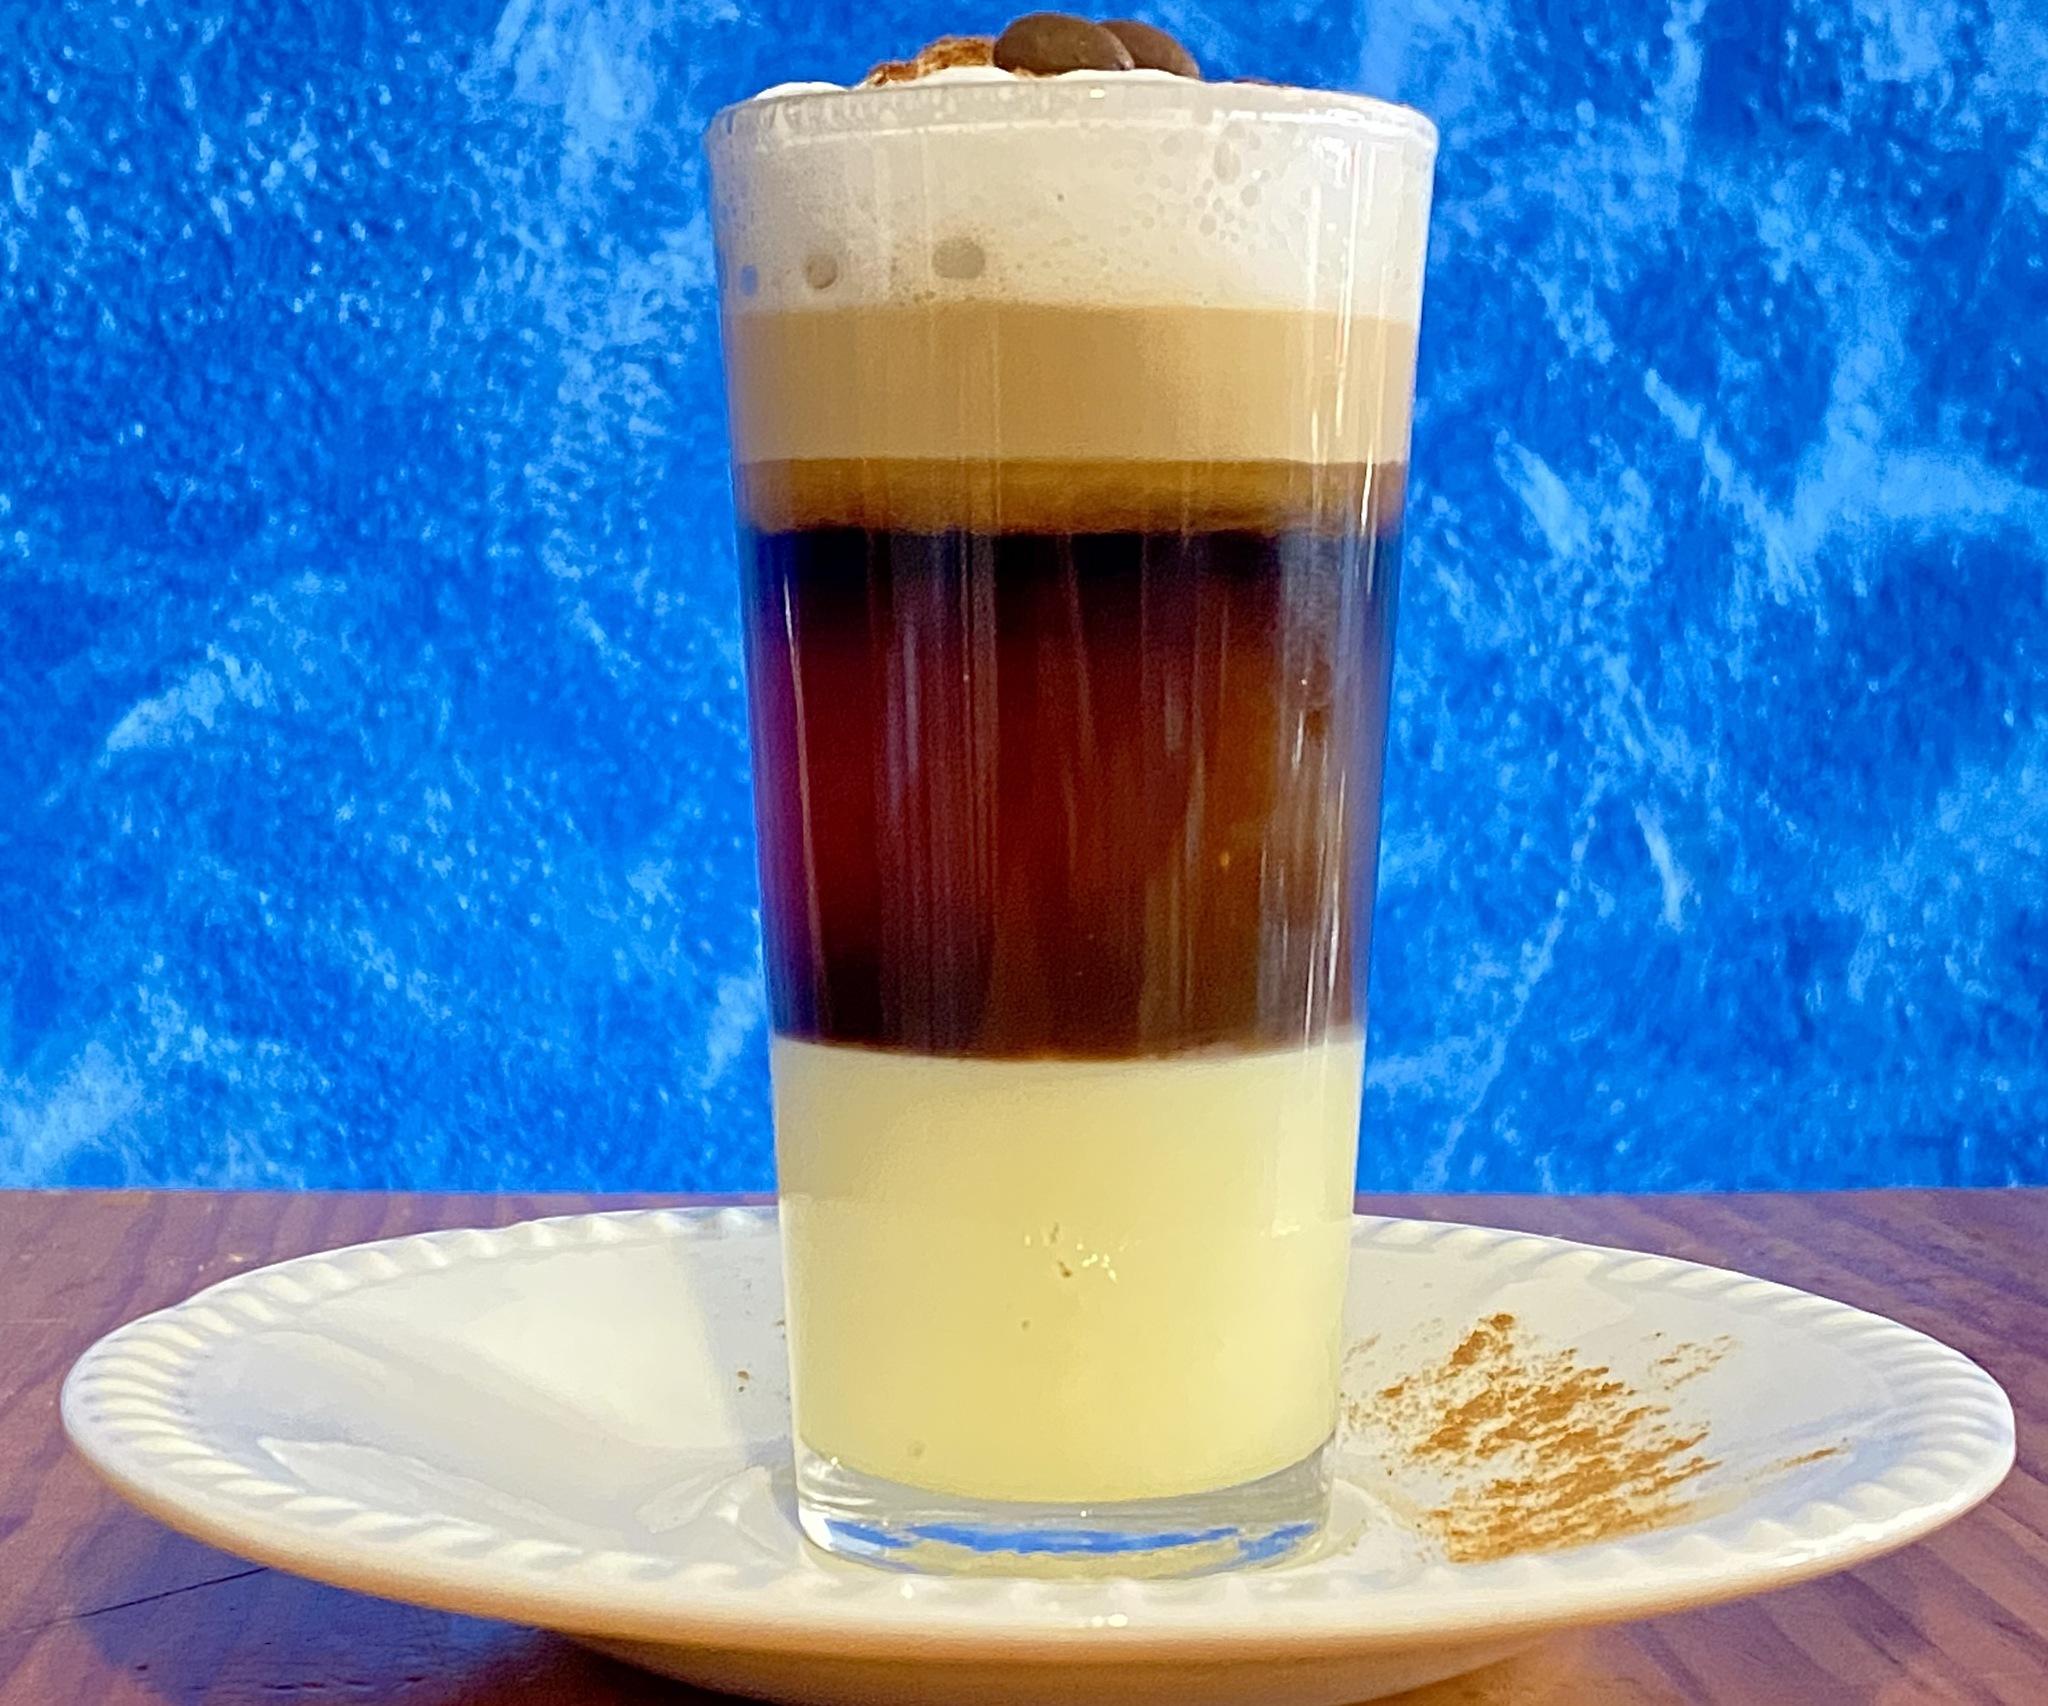 Barraquito, un café expreso con leche condensada, crema de leche y licor 43.